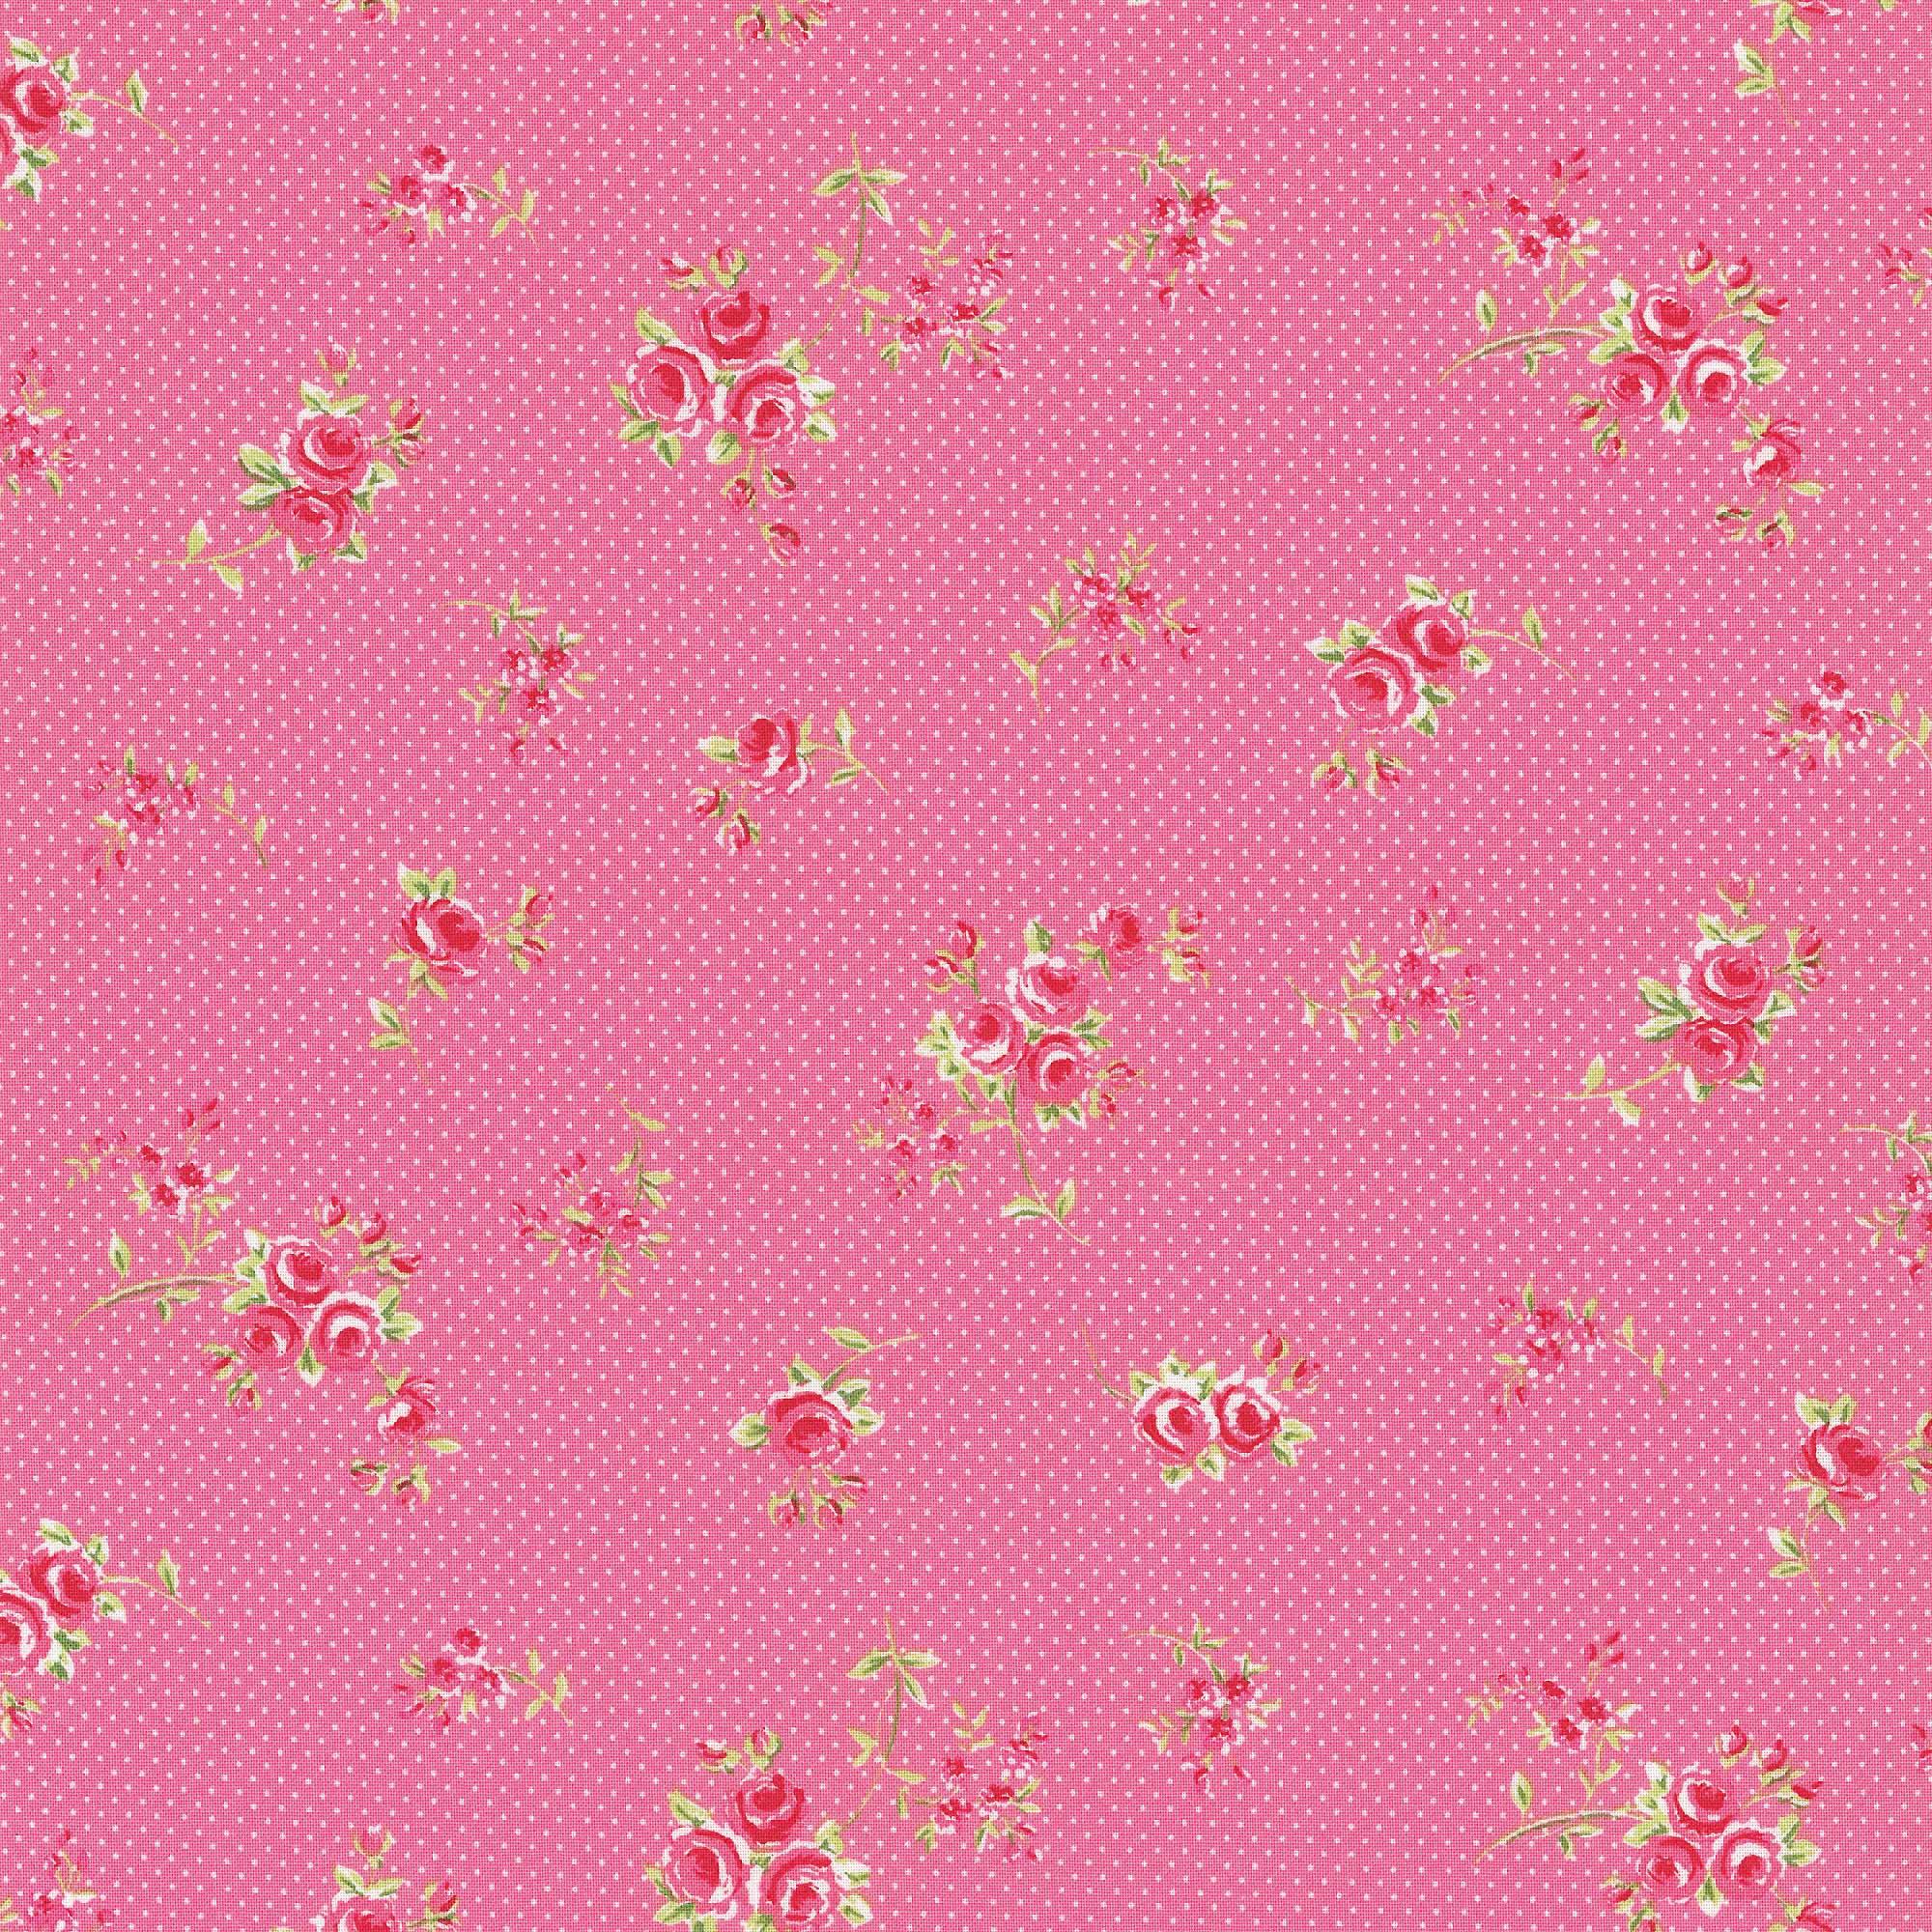 produkt_img/010506244.jpg